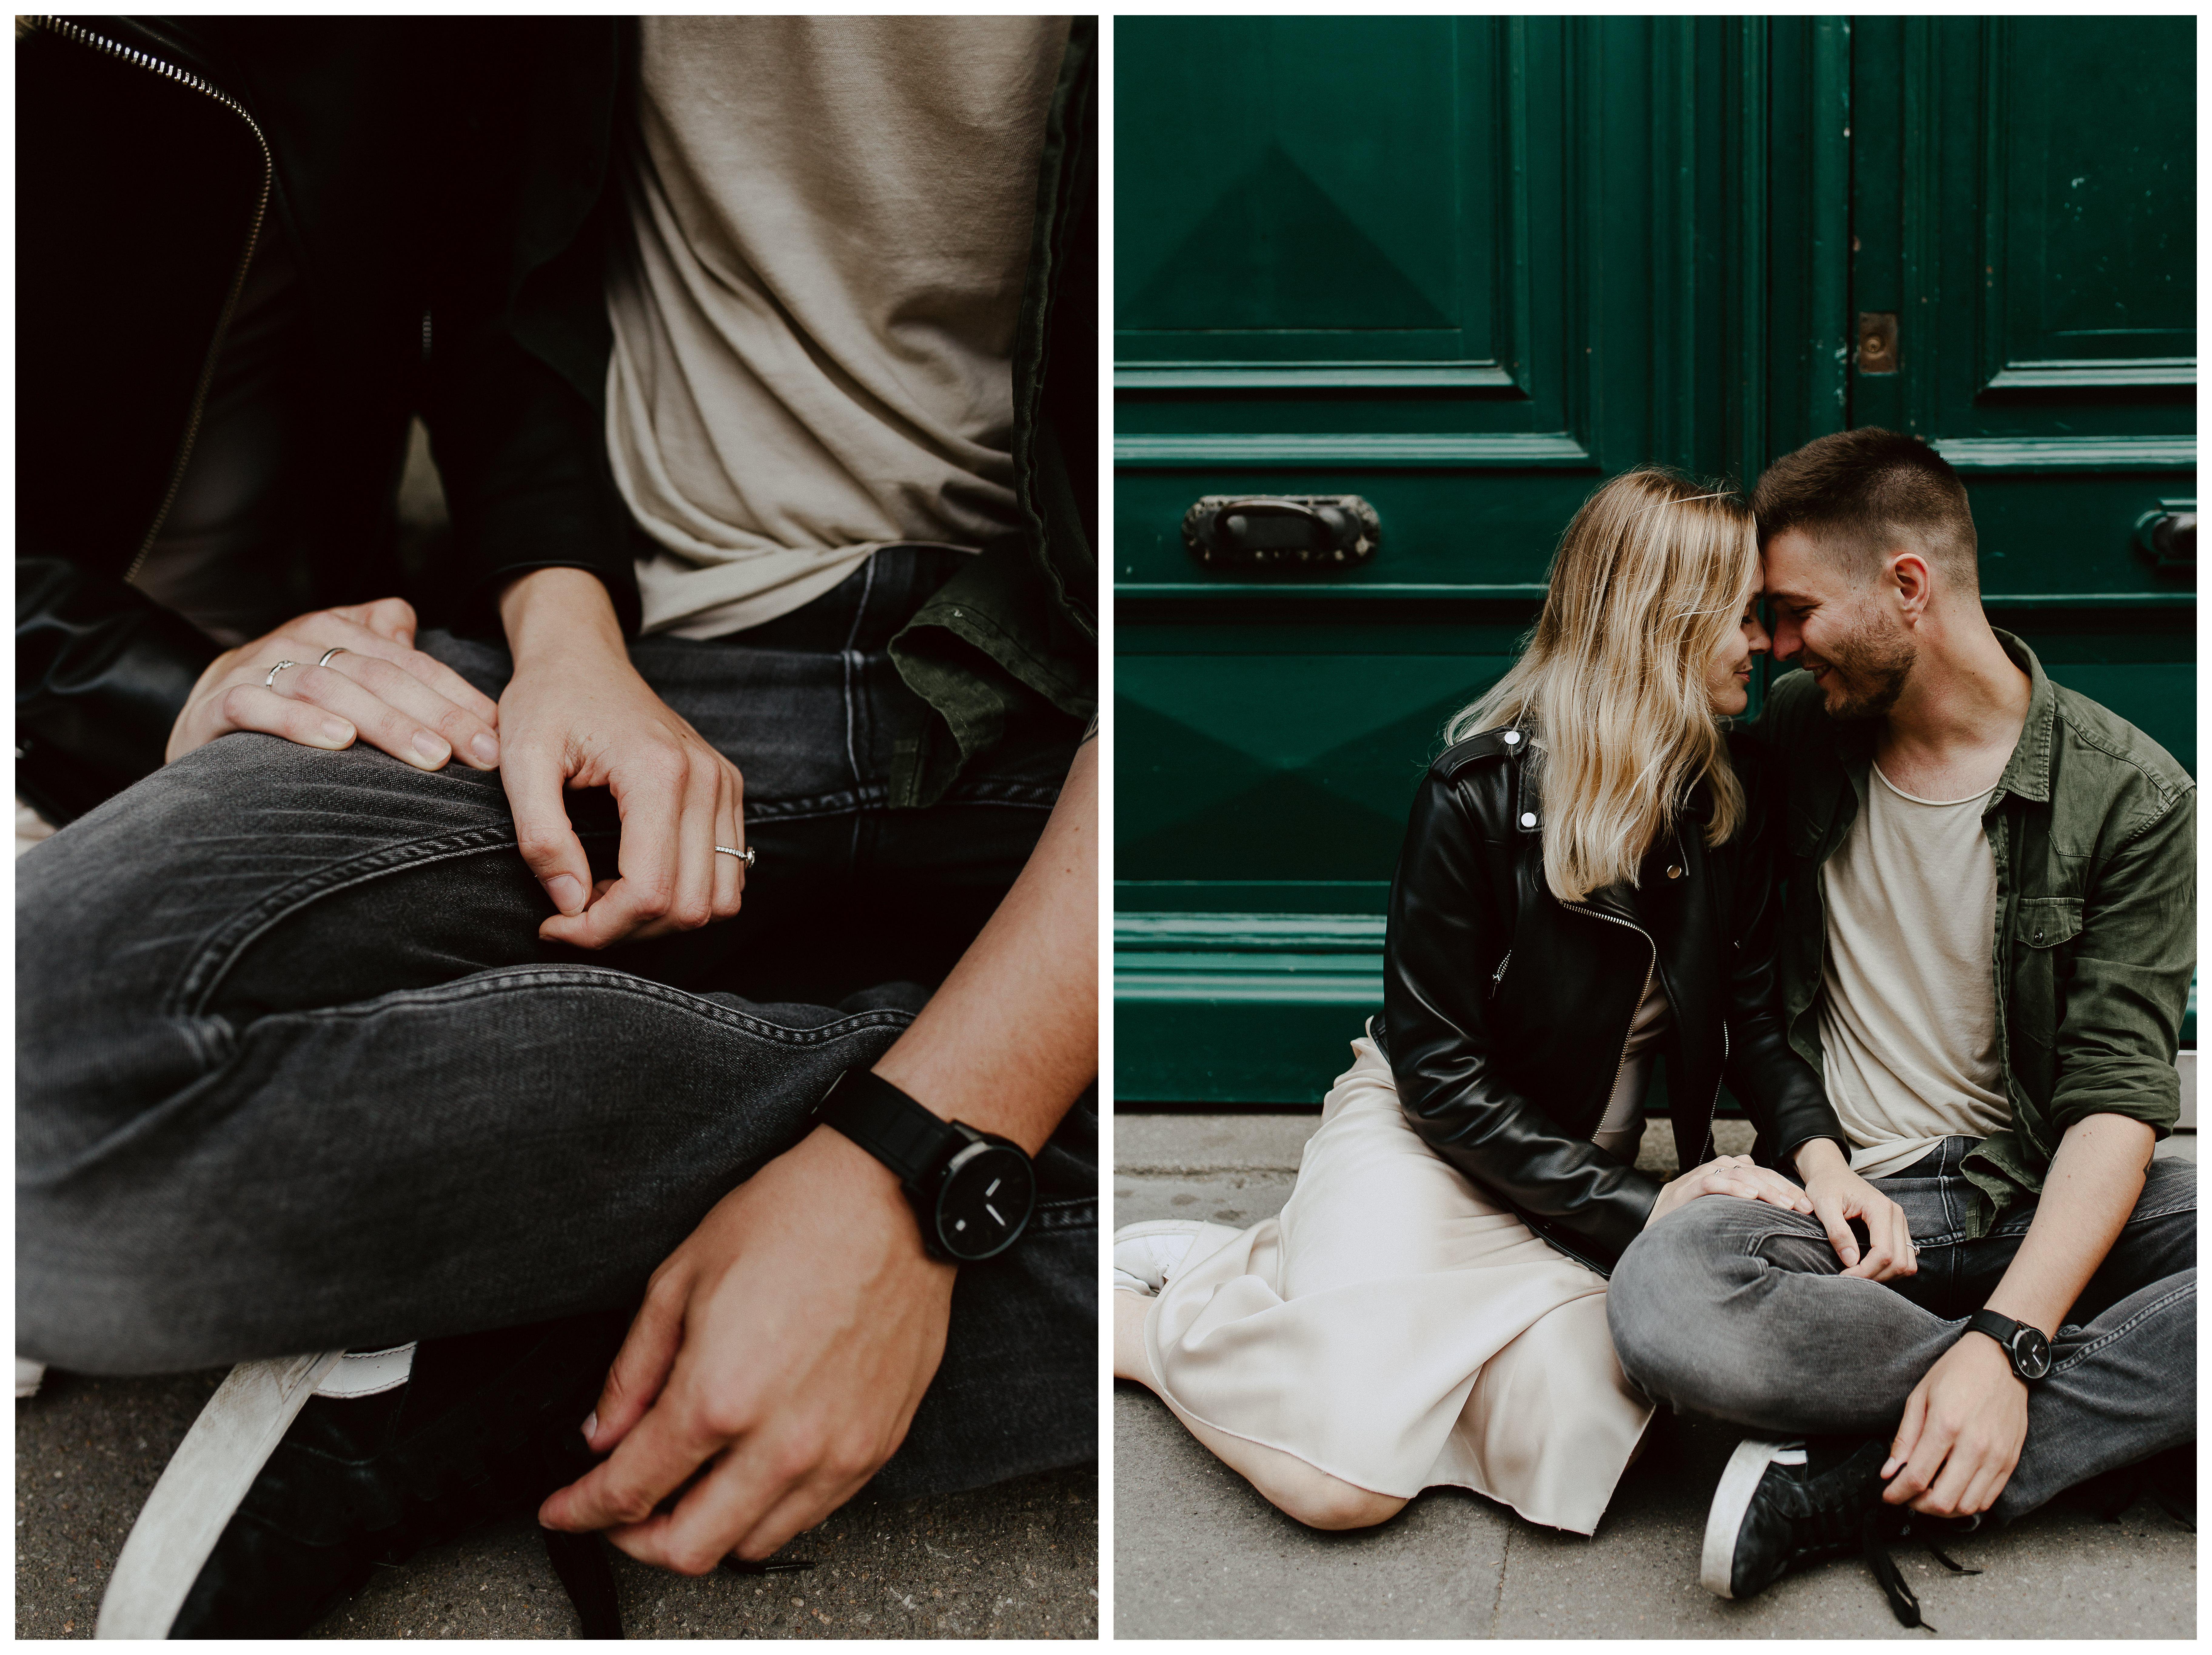 séance photo engagement futurs mariés Nantes